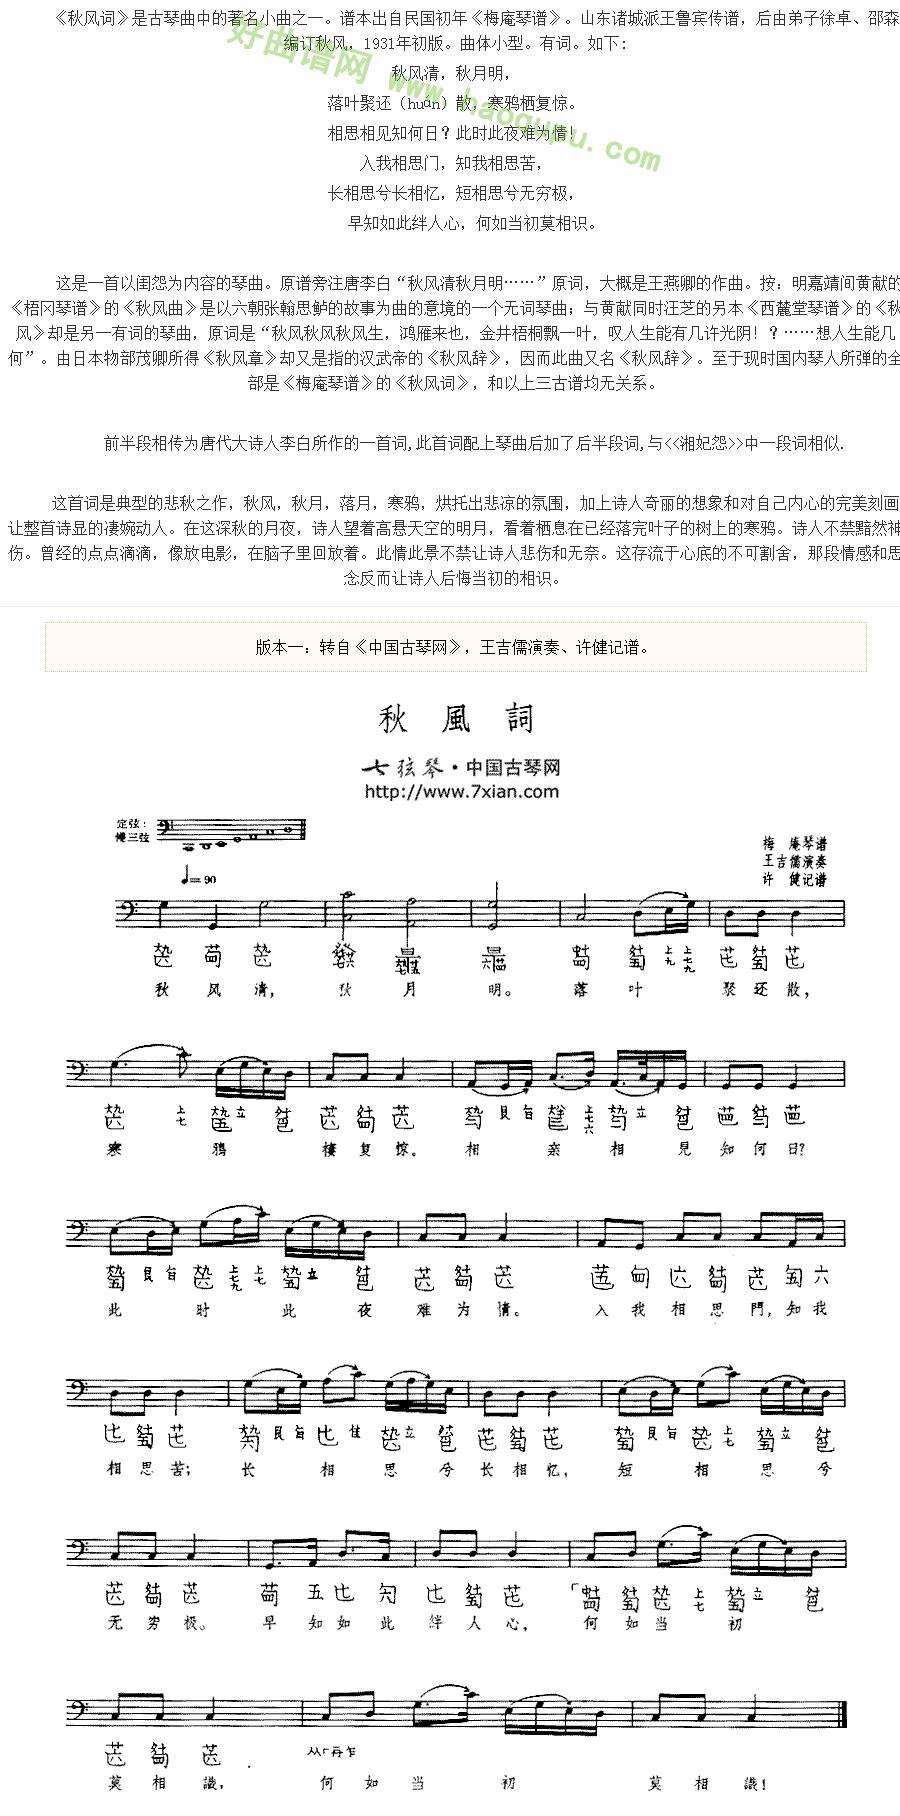 《秋风词》(古琴谱、五线谱+减字谱)古筝曲谱第1张